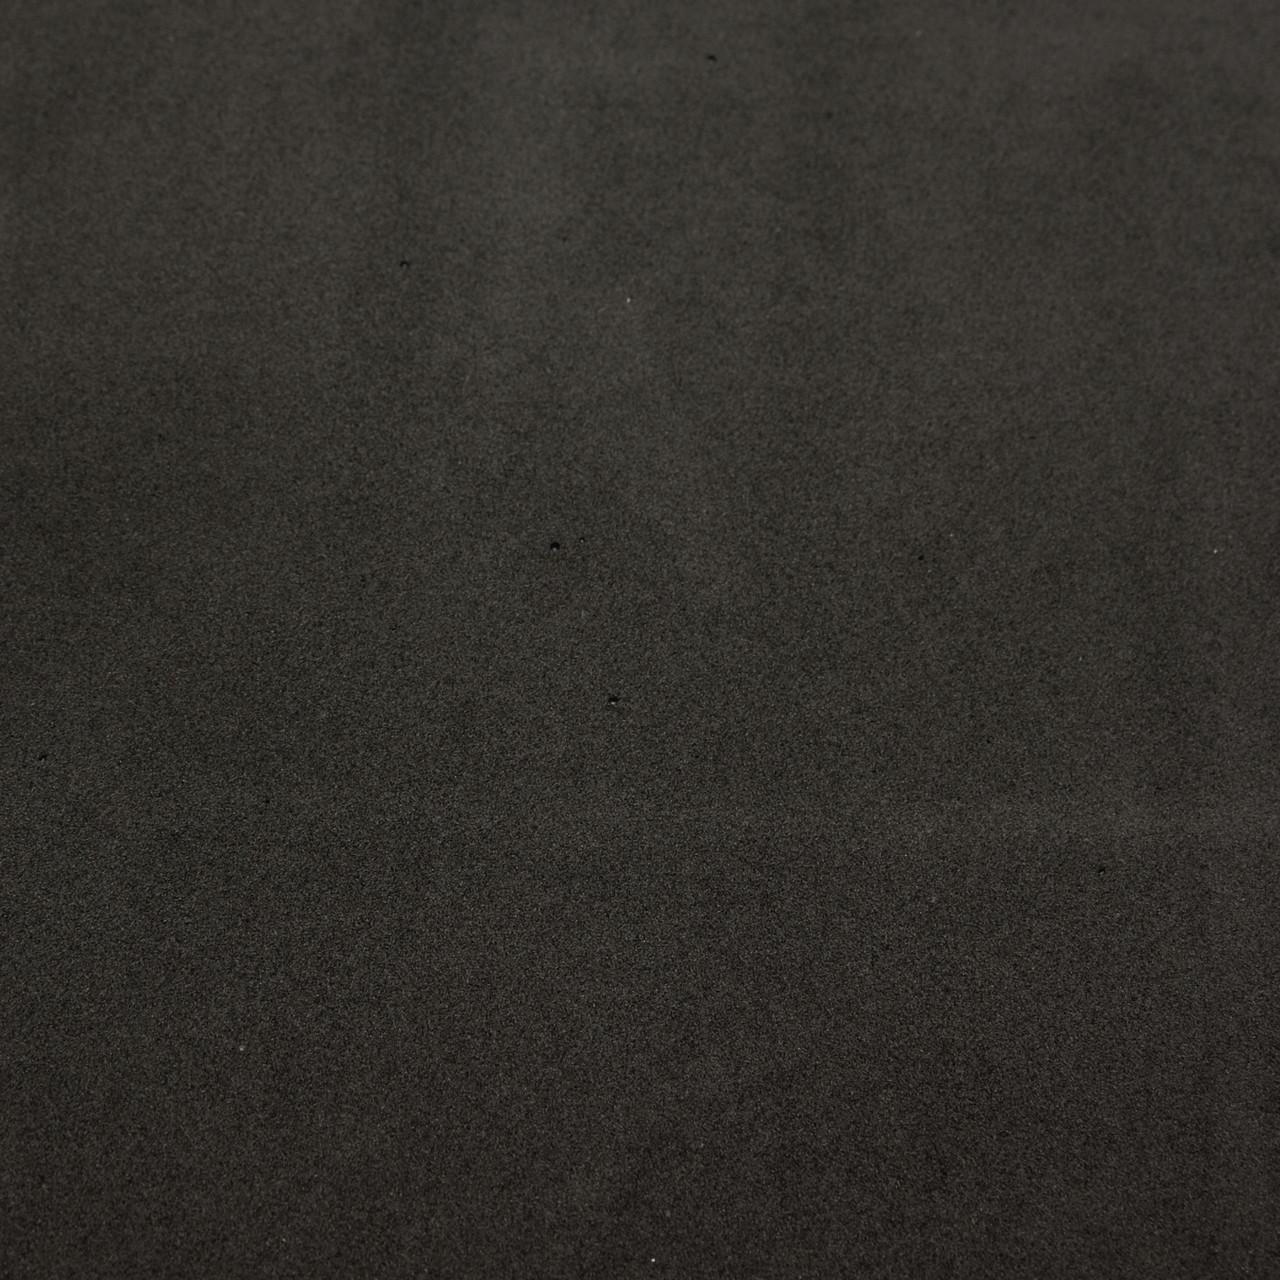 Фоамиран 2 мм, 50x50 см, Китай, ЧЕРНЫЙ